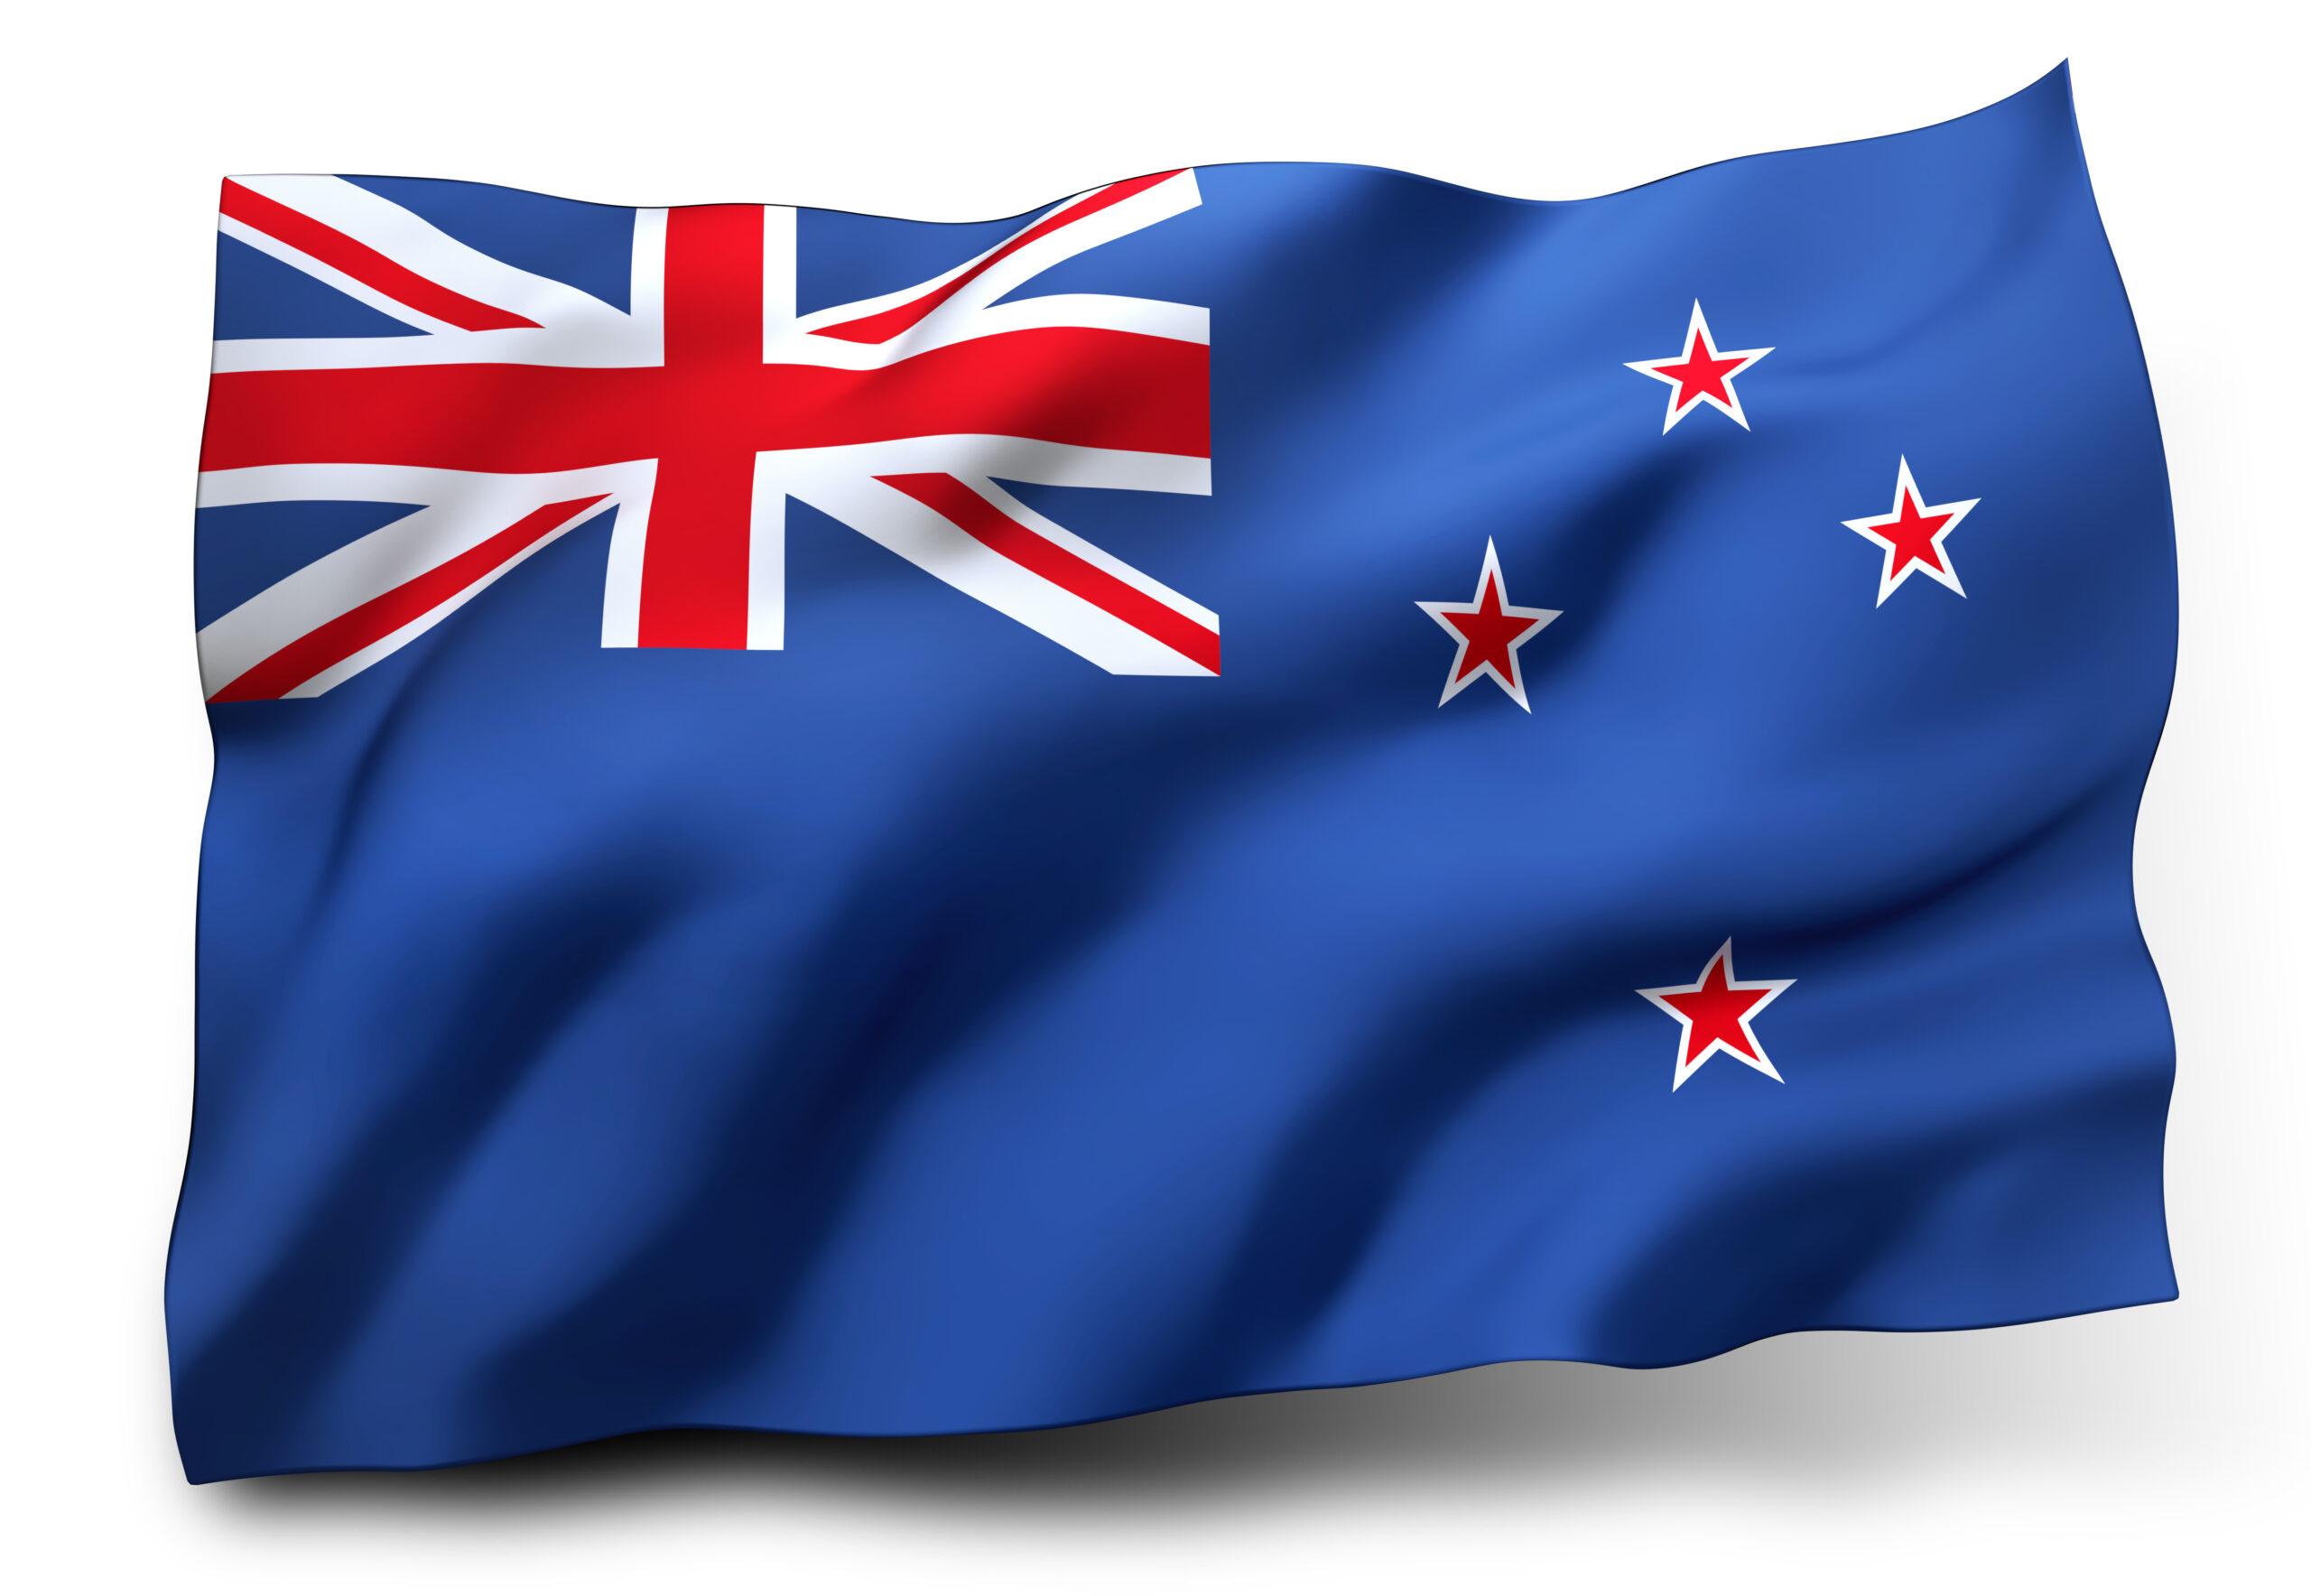 Waving flag of New Zealand isolated on white background